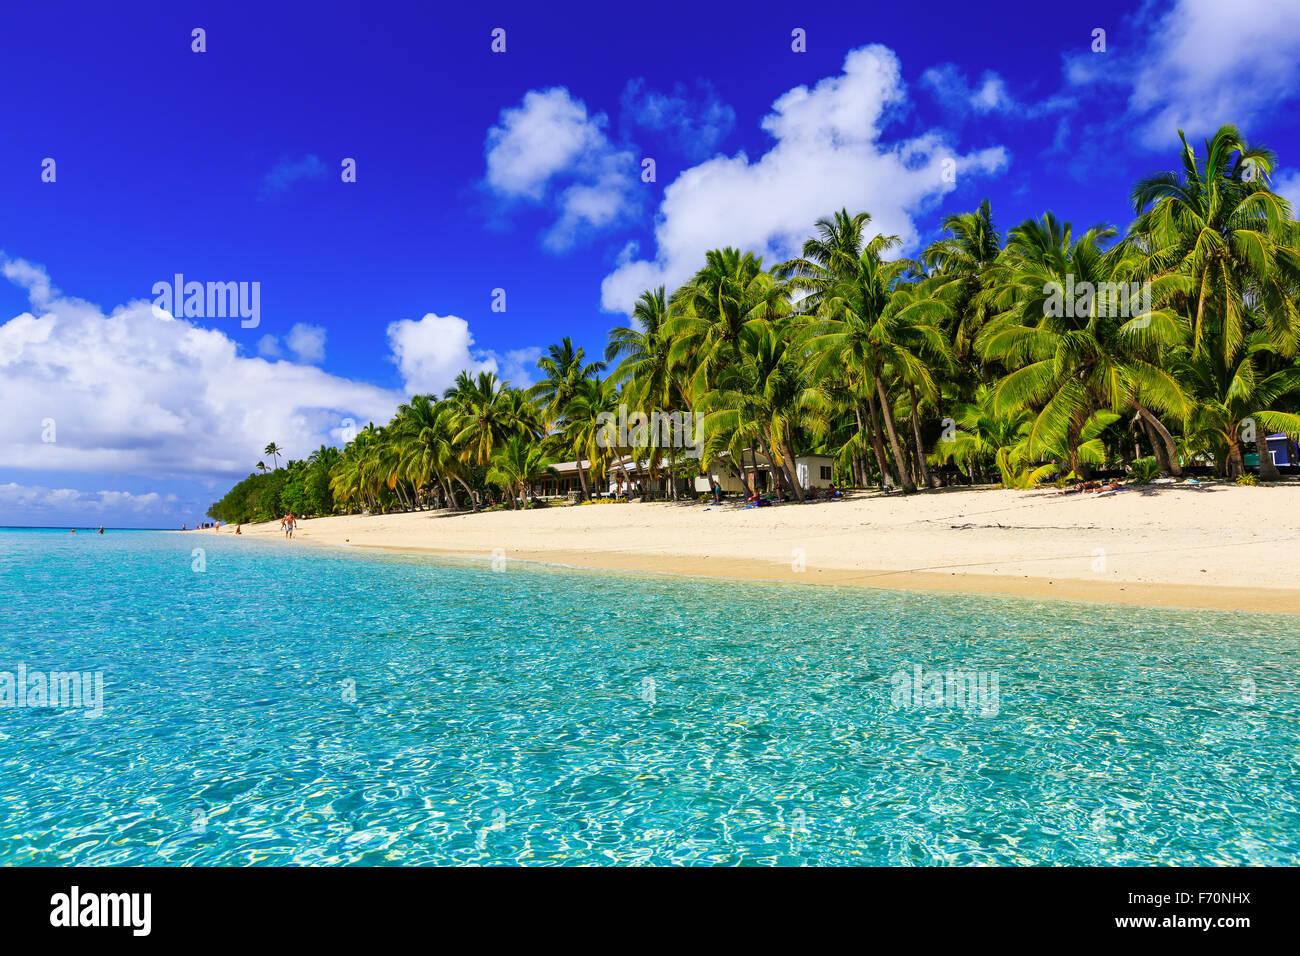 Plage sur l'île tropicale d'eau bleue et claire. Dravuni Island (Fidji). Photo Stock